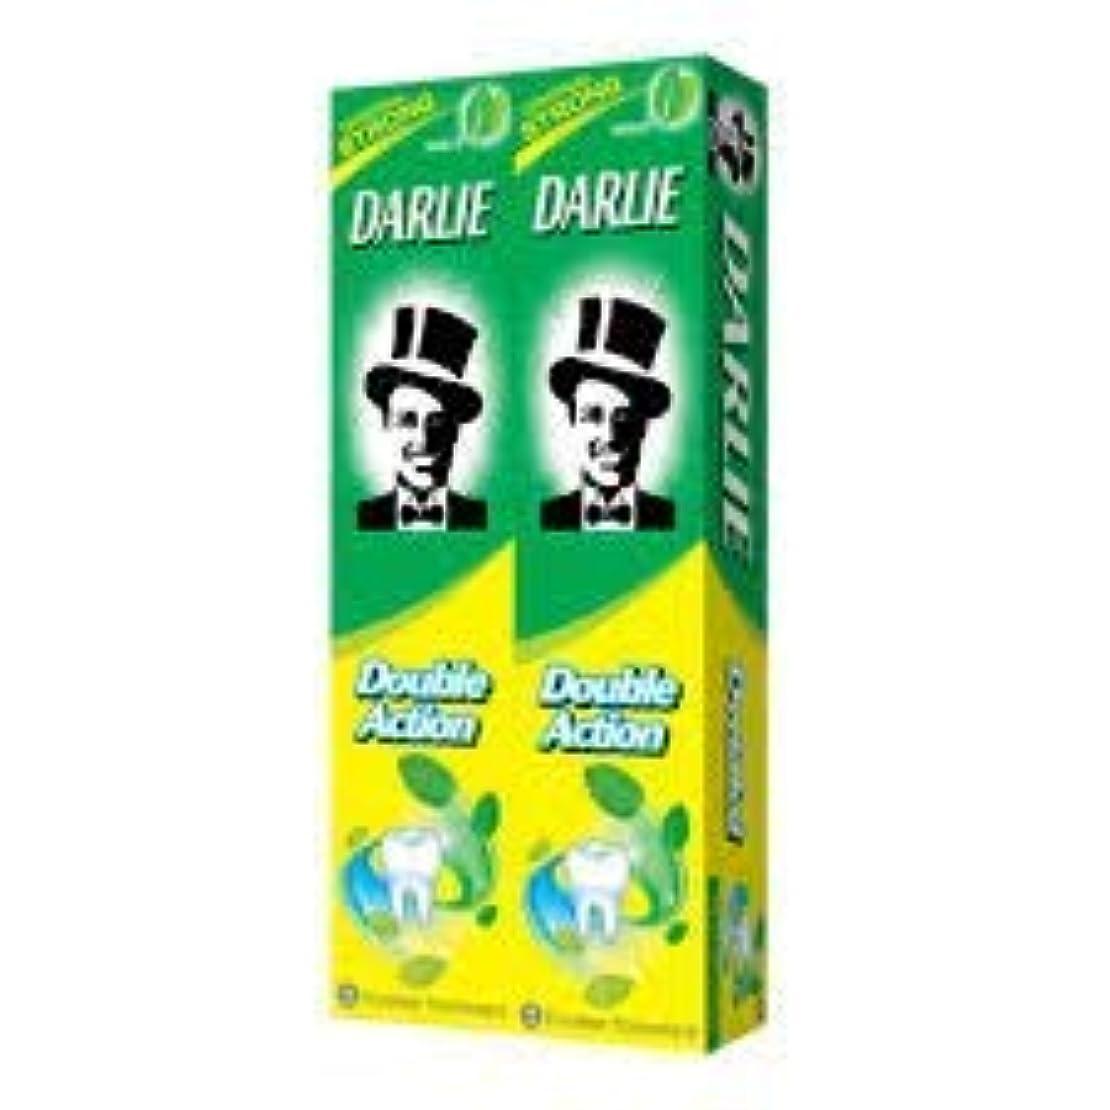 バングラデシュ経済的温帯DARLIE 歯磨き粉2×225gの複動GWPは、より永続的な新鮮な息12時間-gives - 口腔細菌を減少させるのに有効